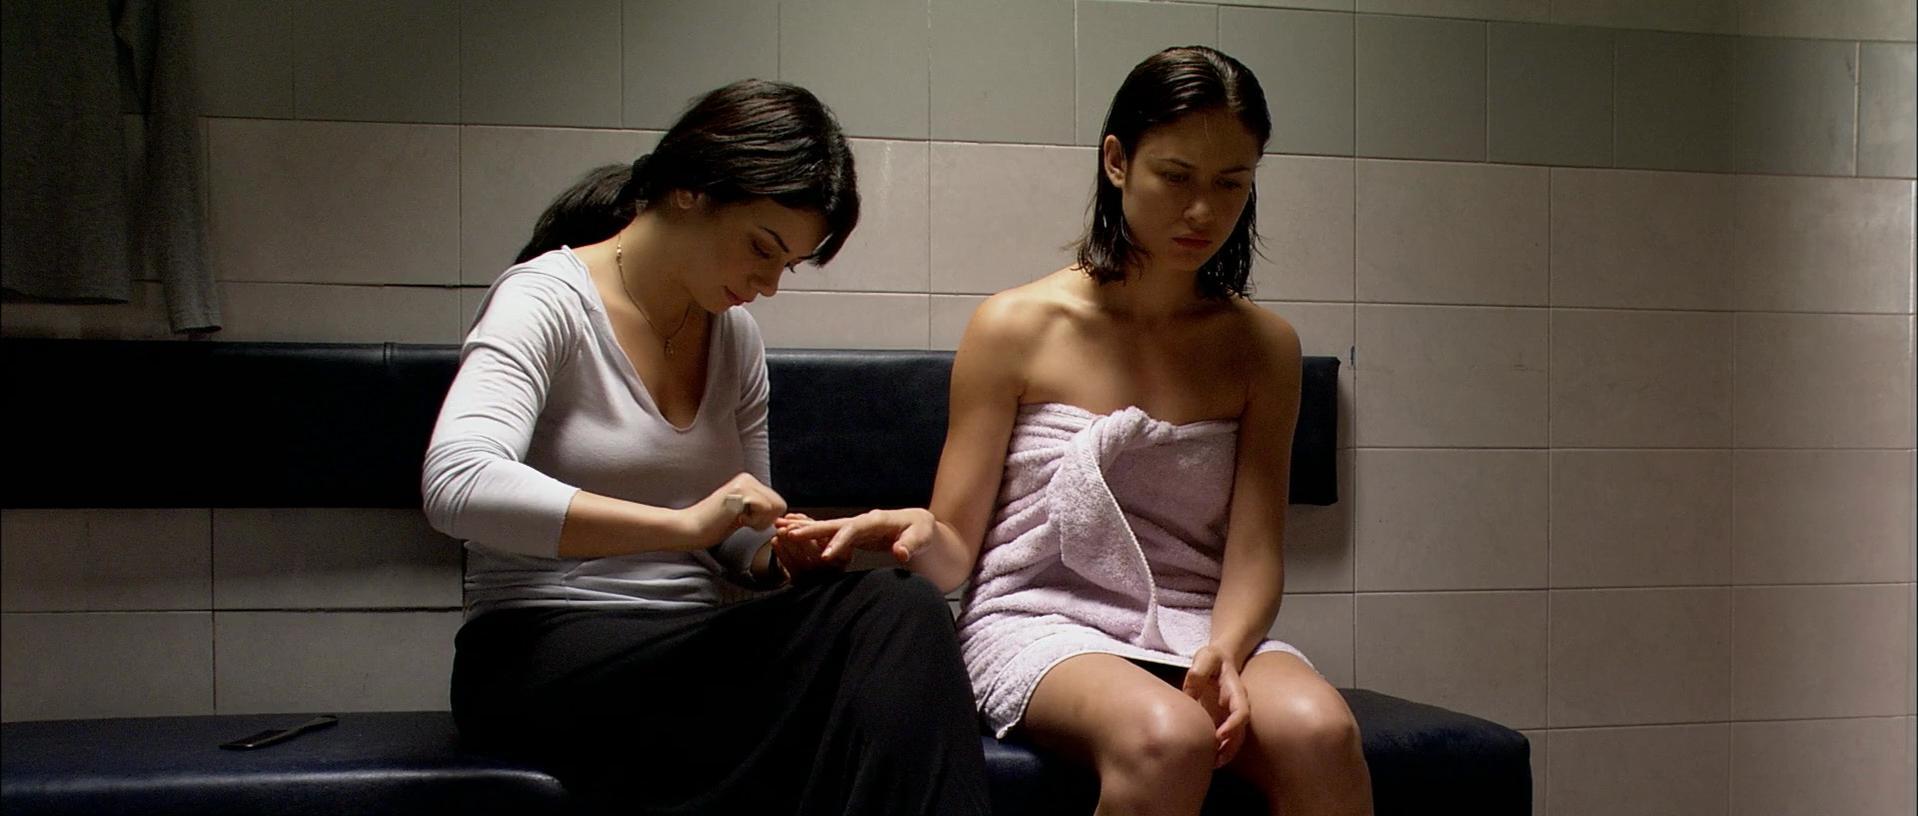 Olga Kurylenko nude - The Assassin Next Door (2009)